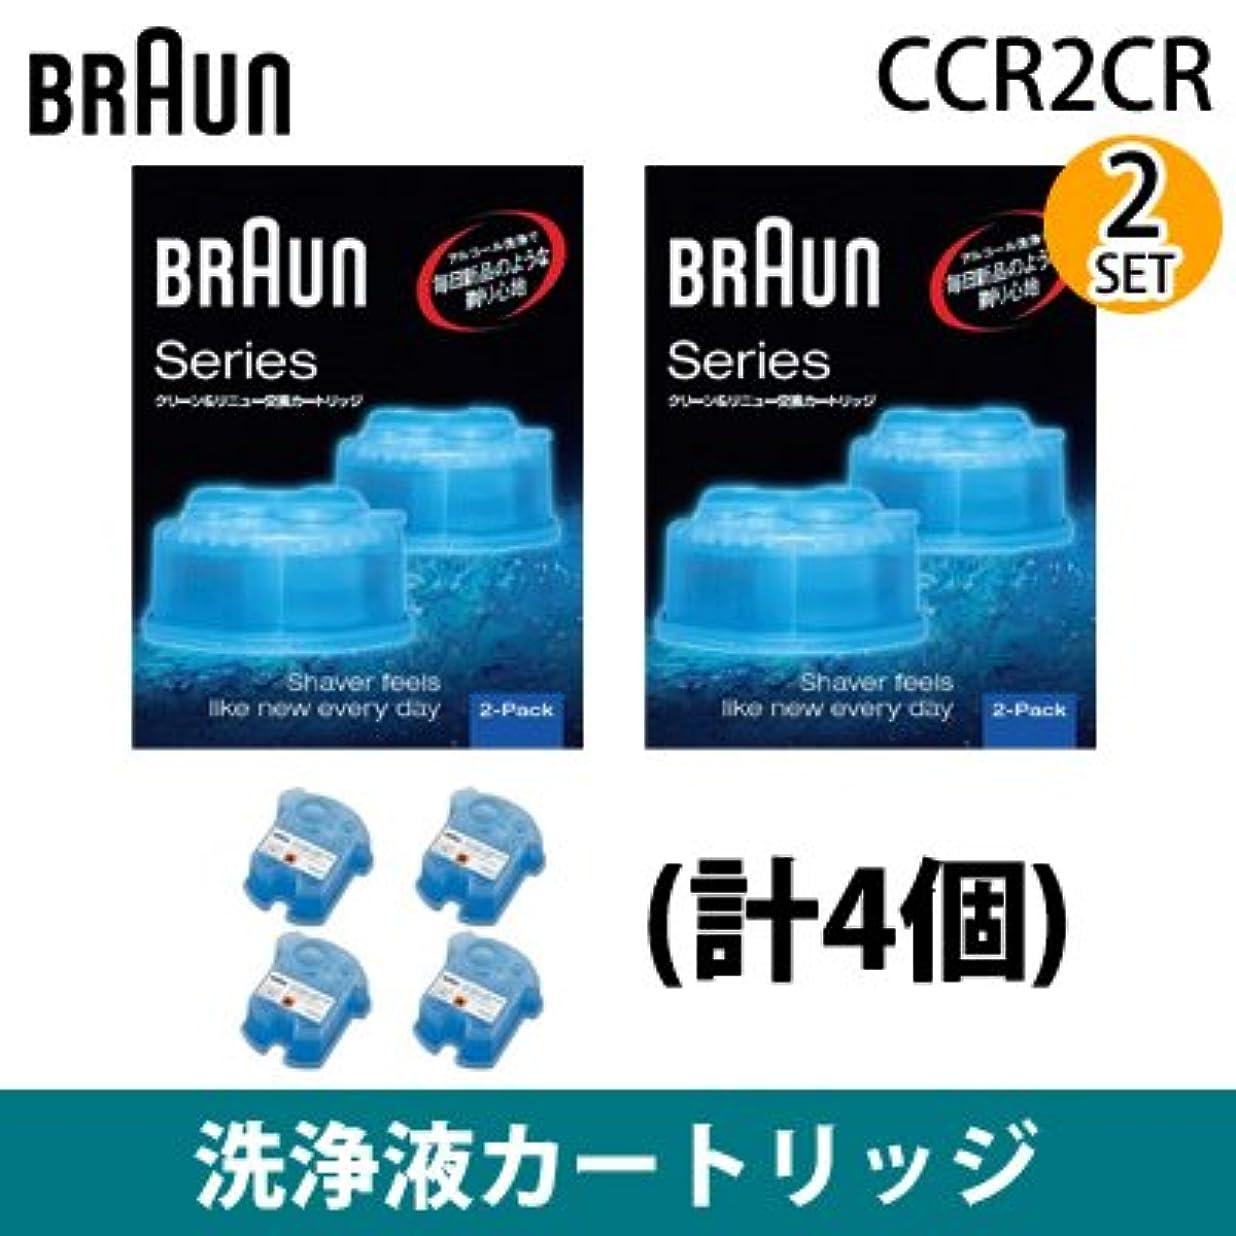 表現略奪架空の【2セット】ブラウン メンズシェーバー アルコール洗浄システム専用洗浄液カートリッジ (2個入×2セット)(計4個) CCR2CR-2SET